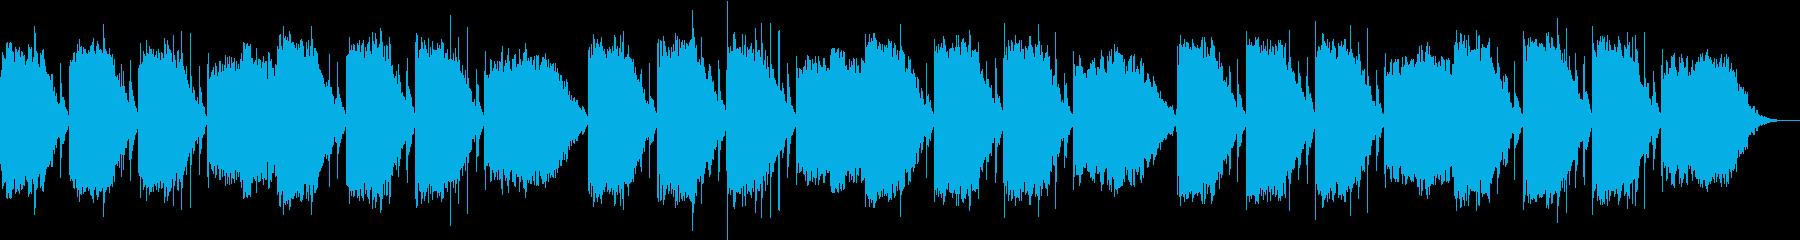 DNAを修復するといわれる528hz音楽の再生済みの波形